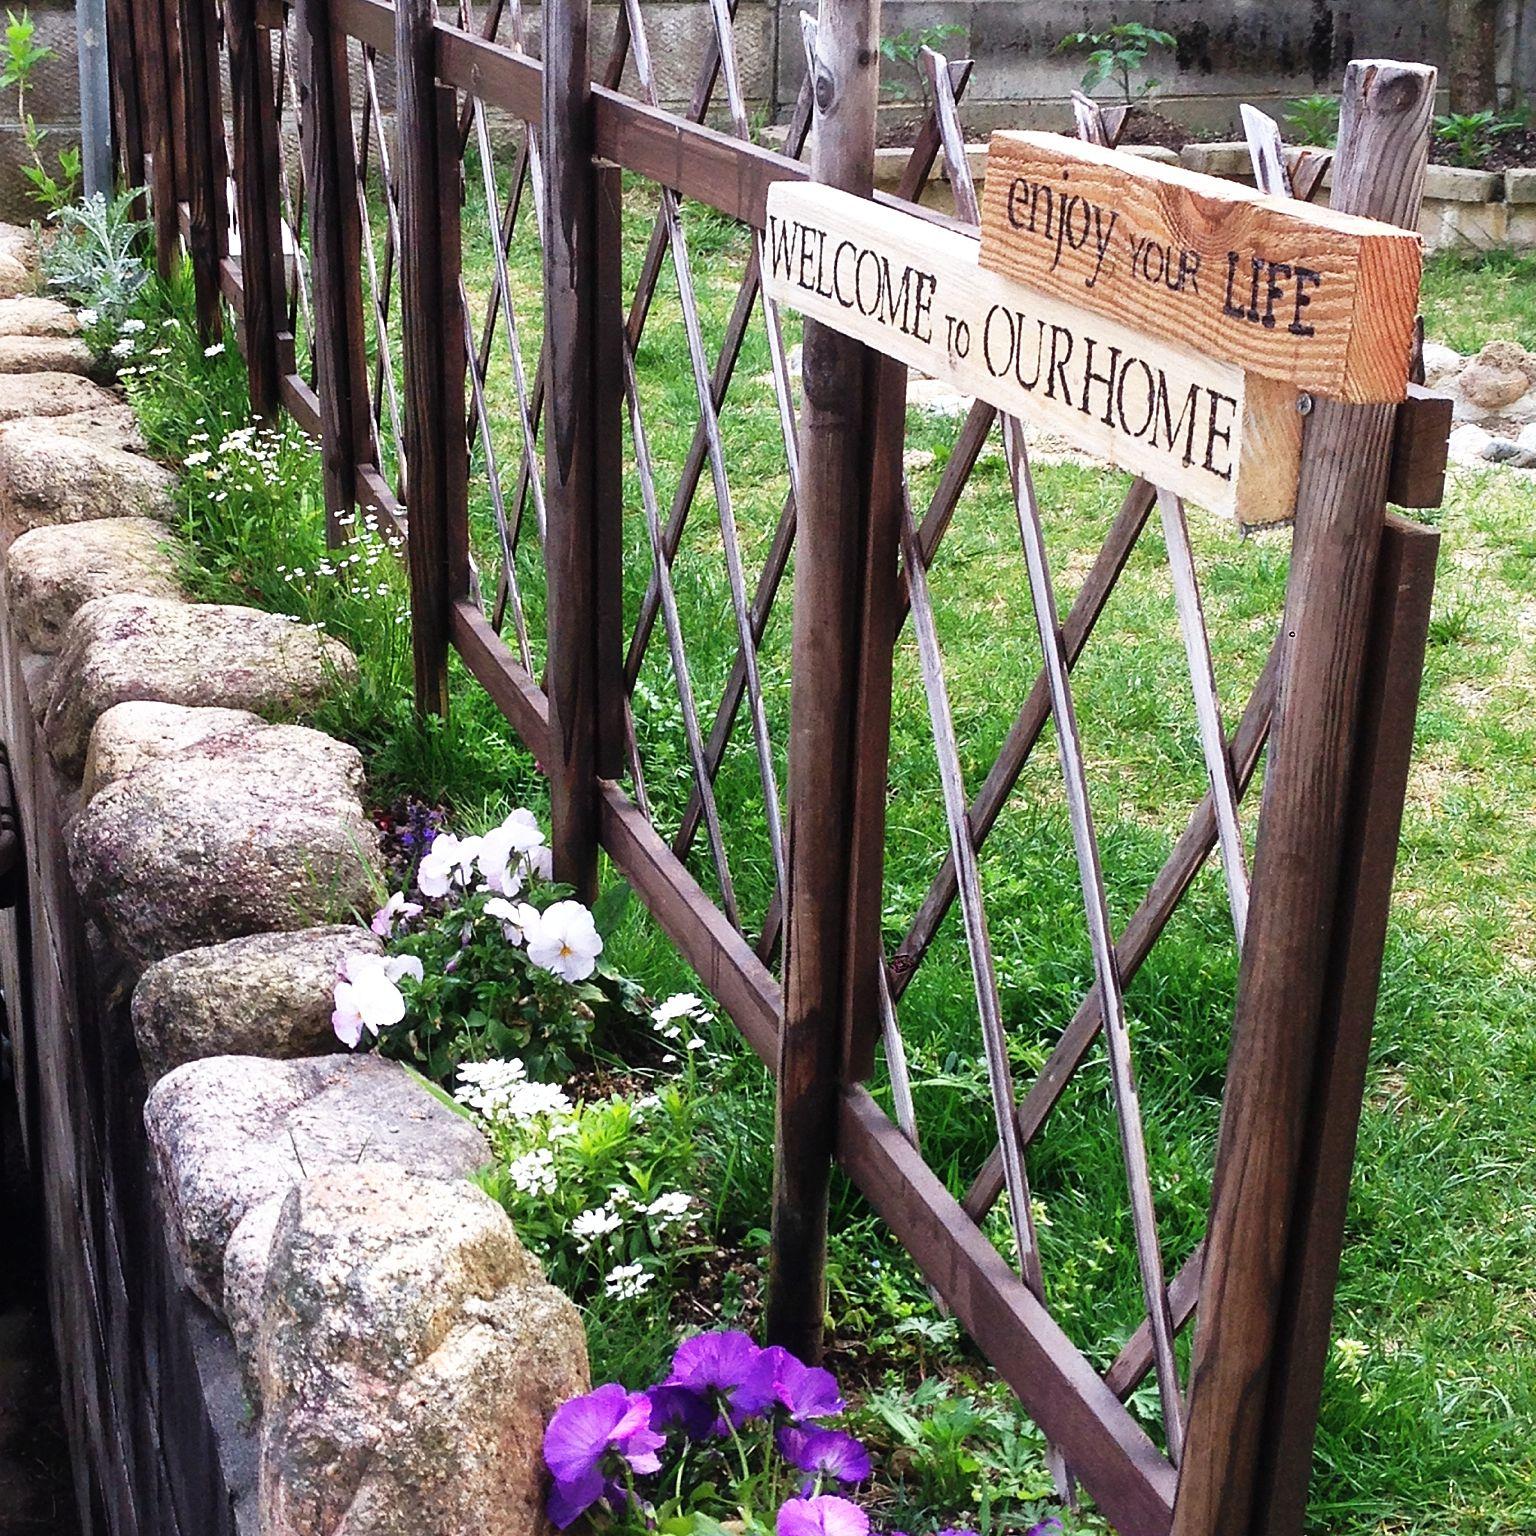 お庭を守る!目隠しフェンスの便利でおしゃれなDIYアイデア集のサムネイル画像